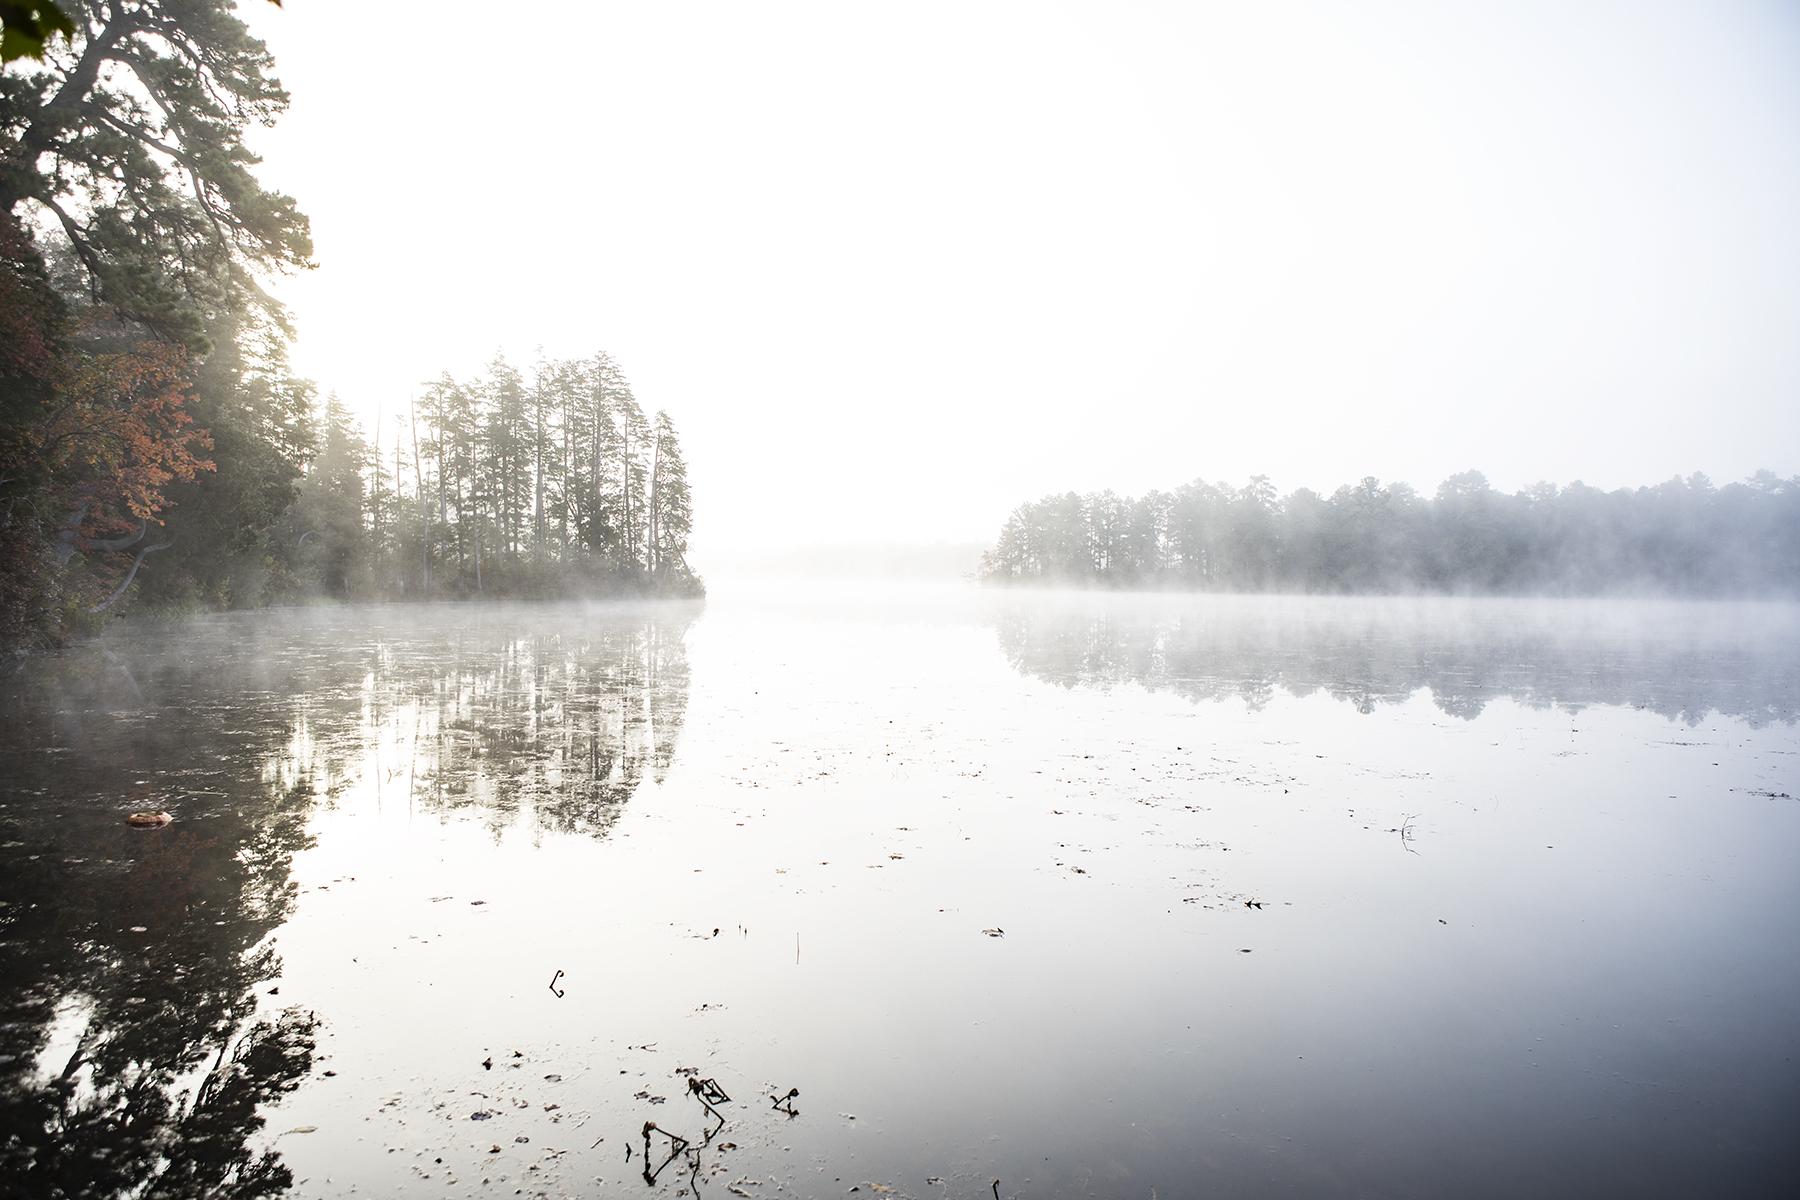 Fog burning off the lake.